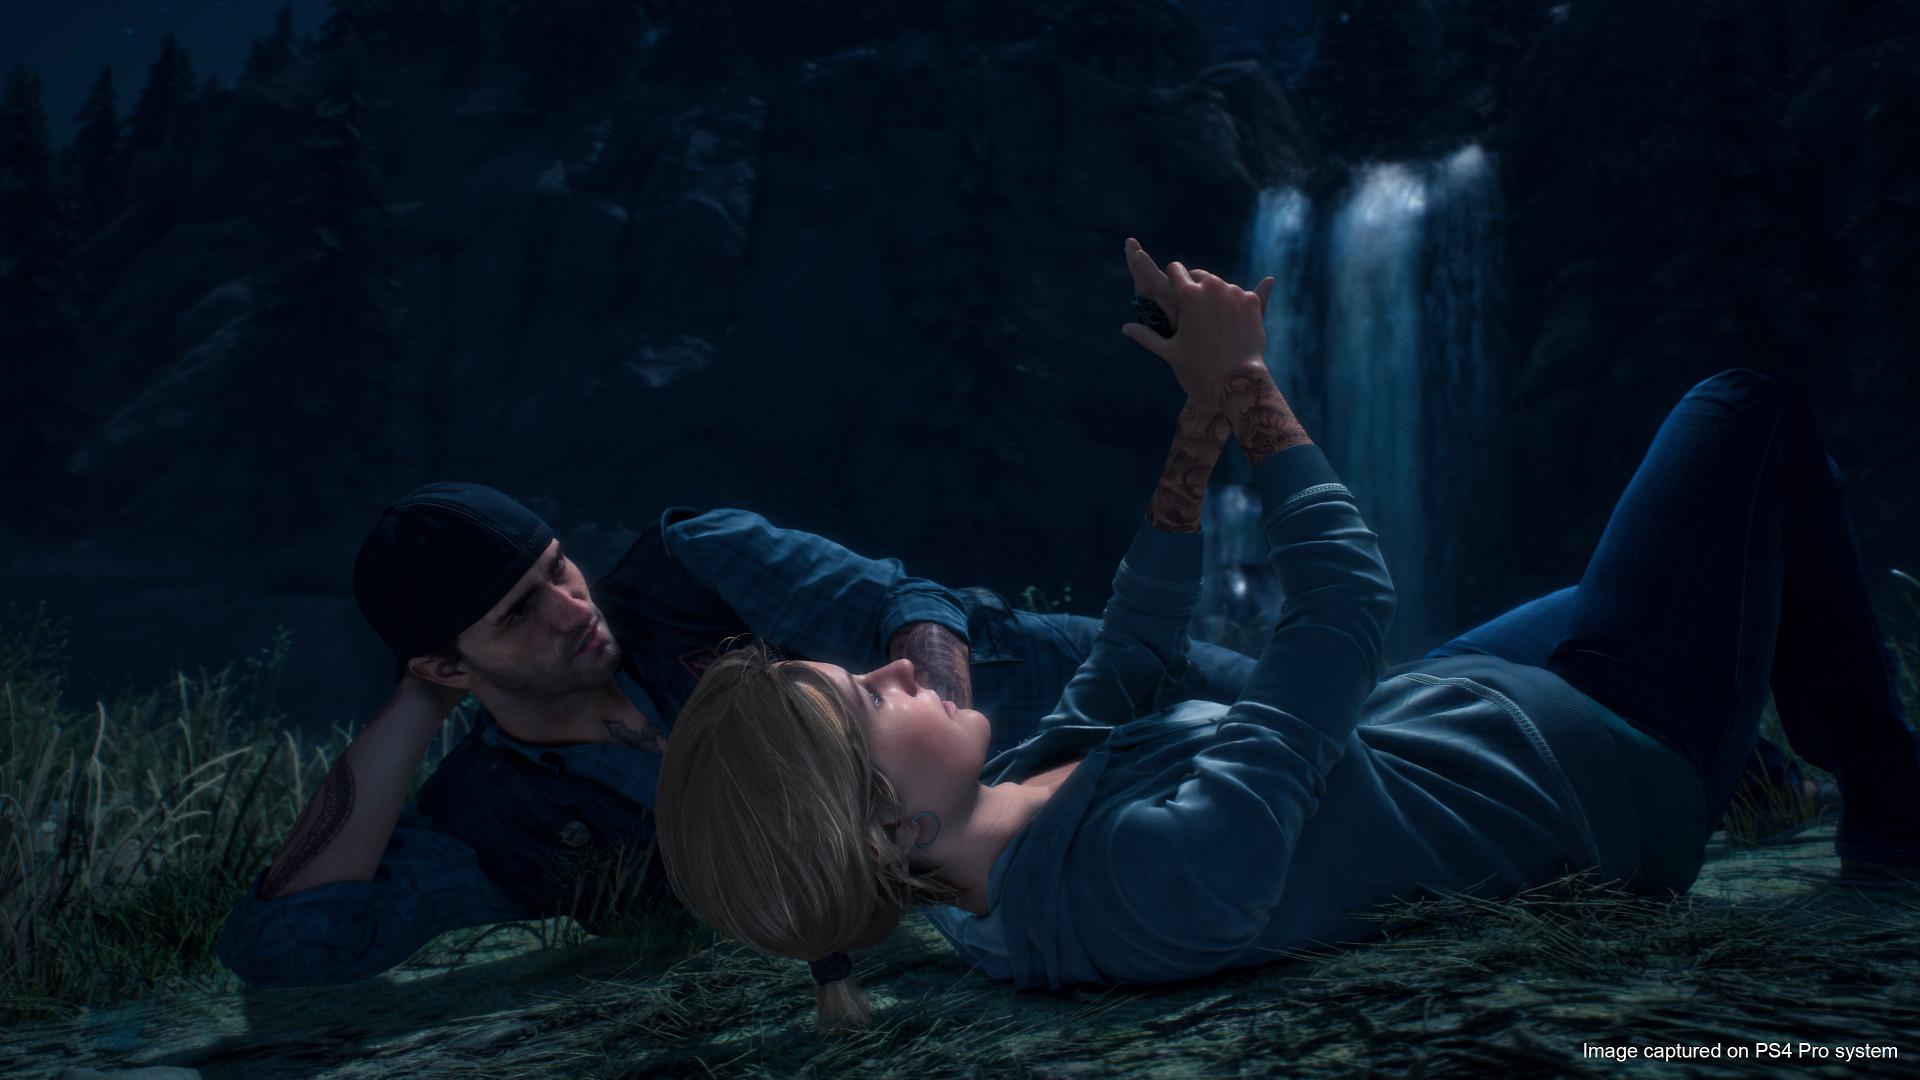 Novo trailer e imagens desvendam mais da história de 'Days Gone'